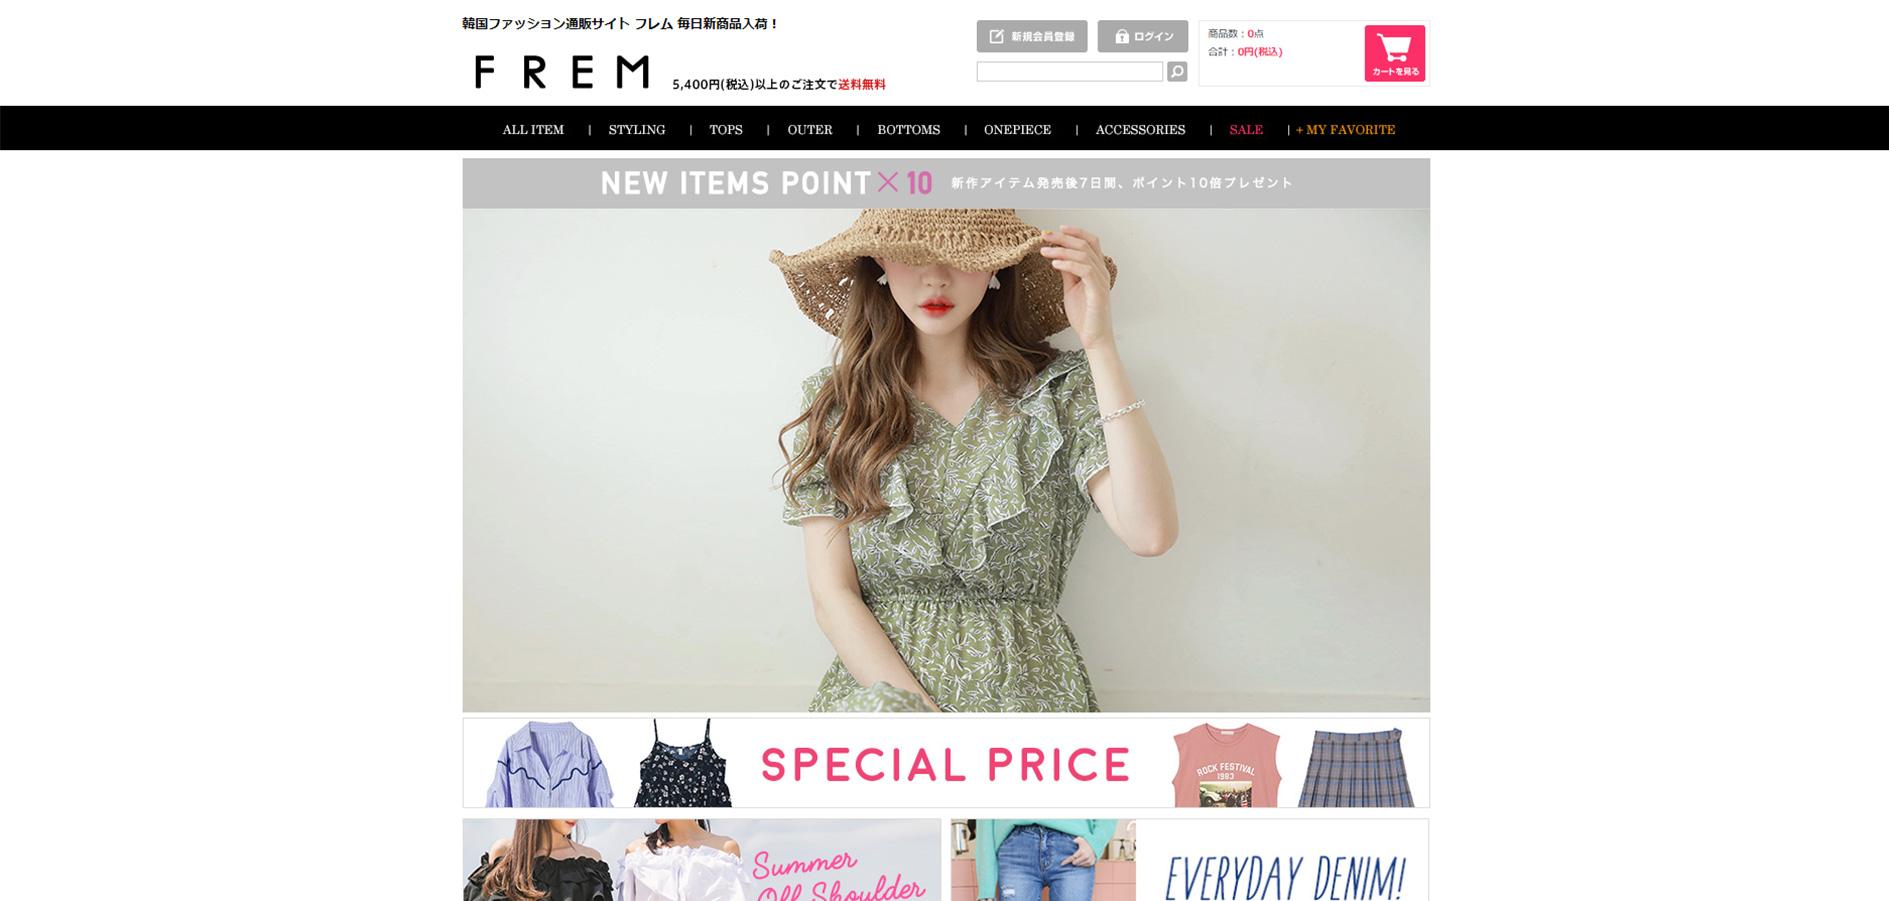 20代におすすめな韓国ファッション通販サイトのfrem(フレム)